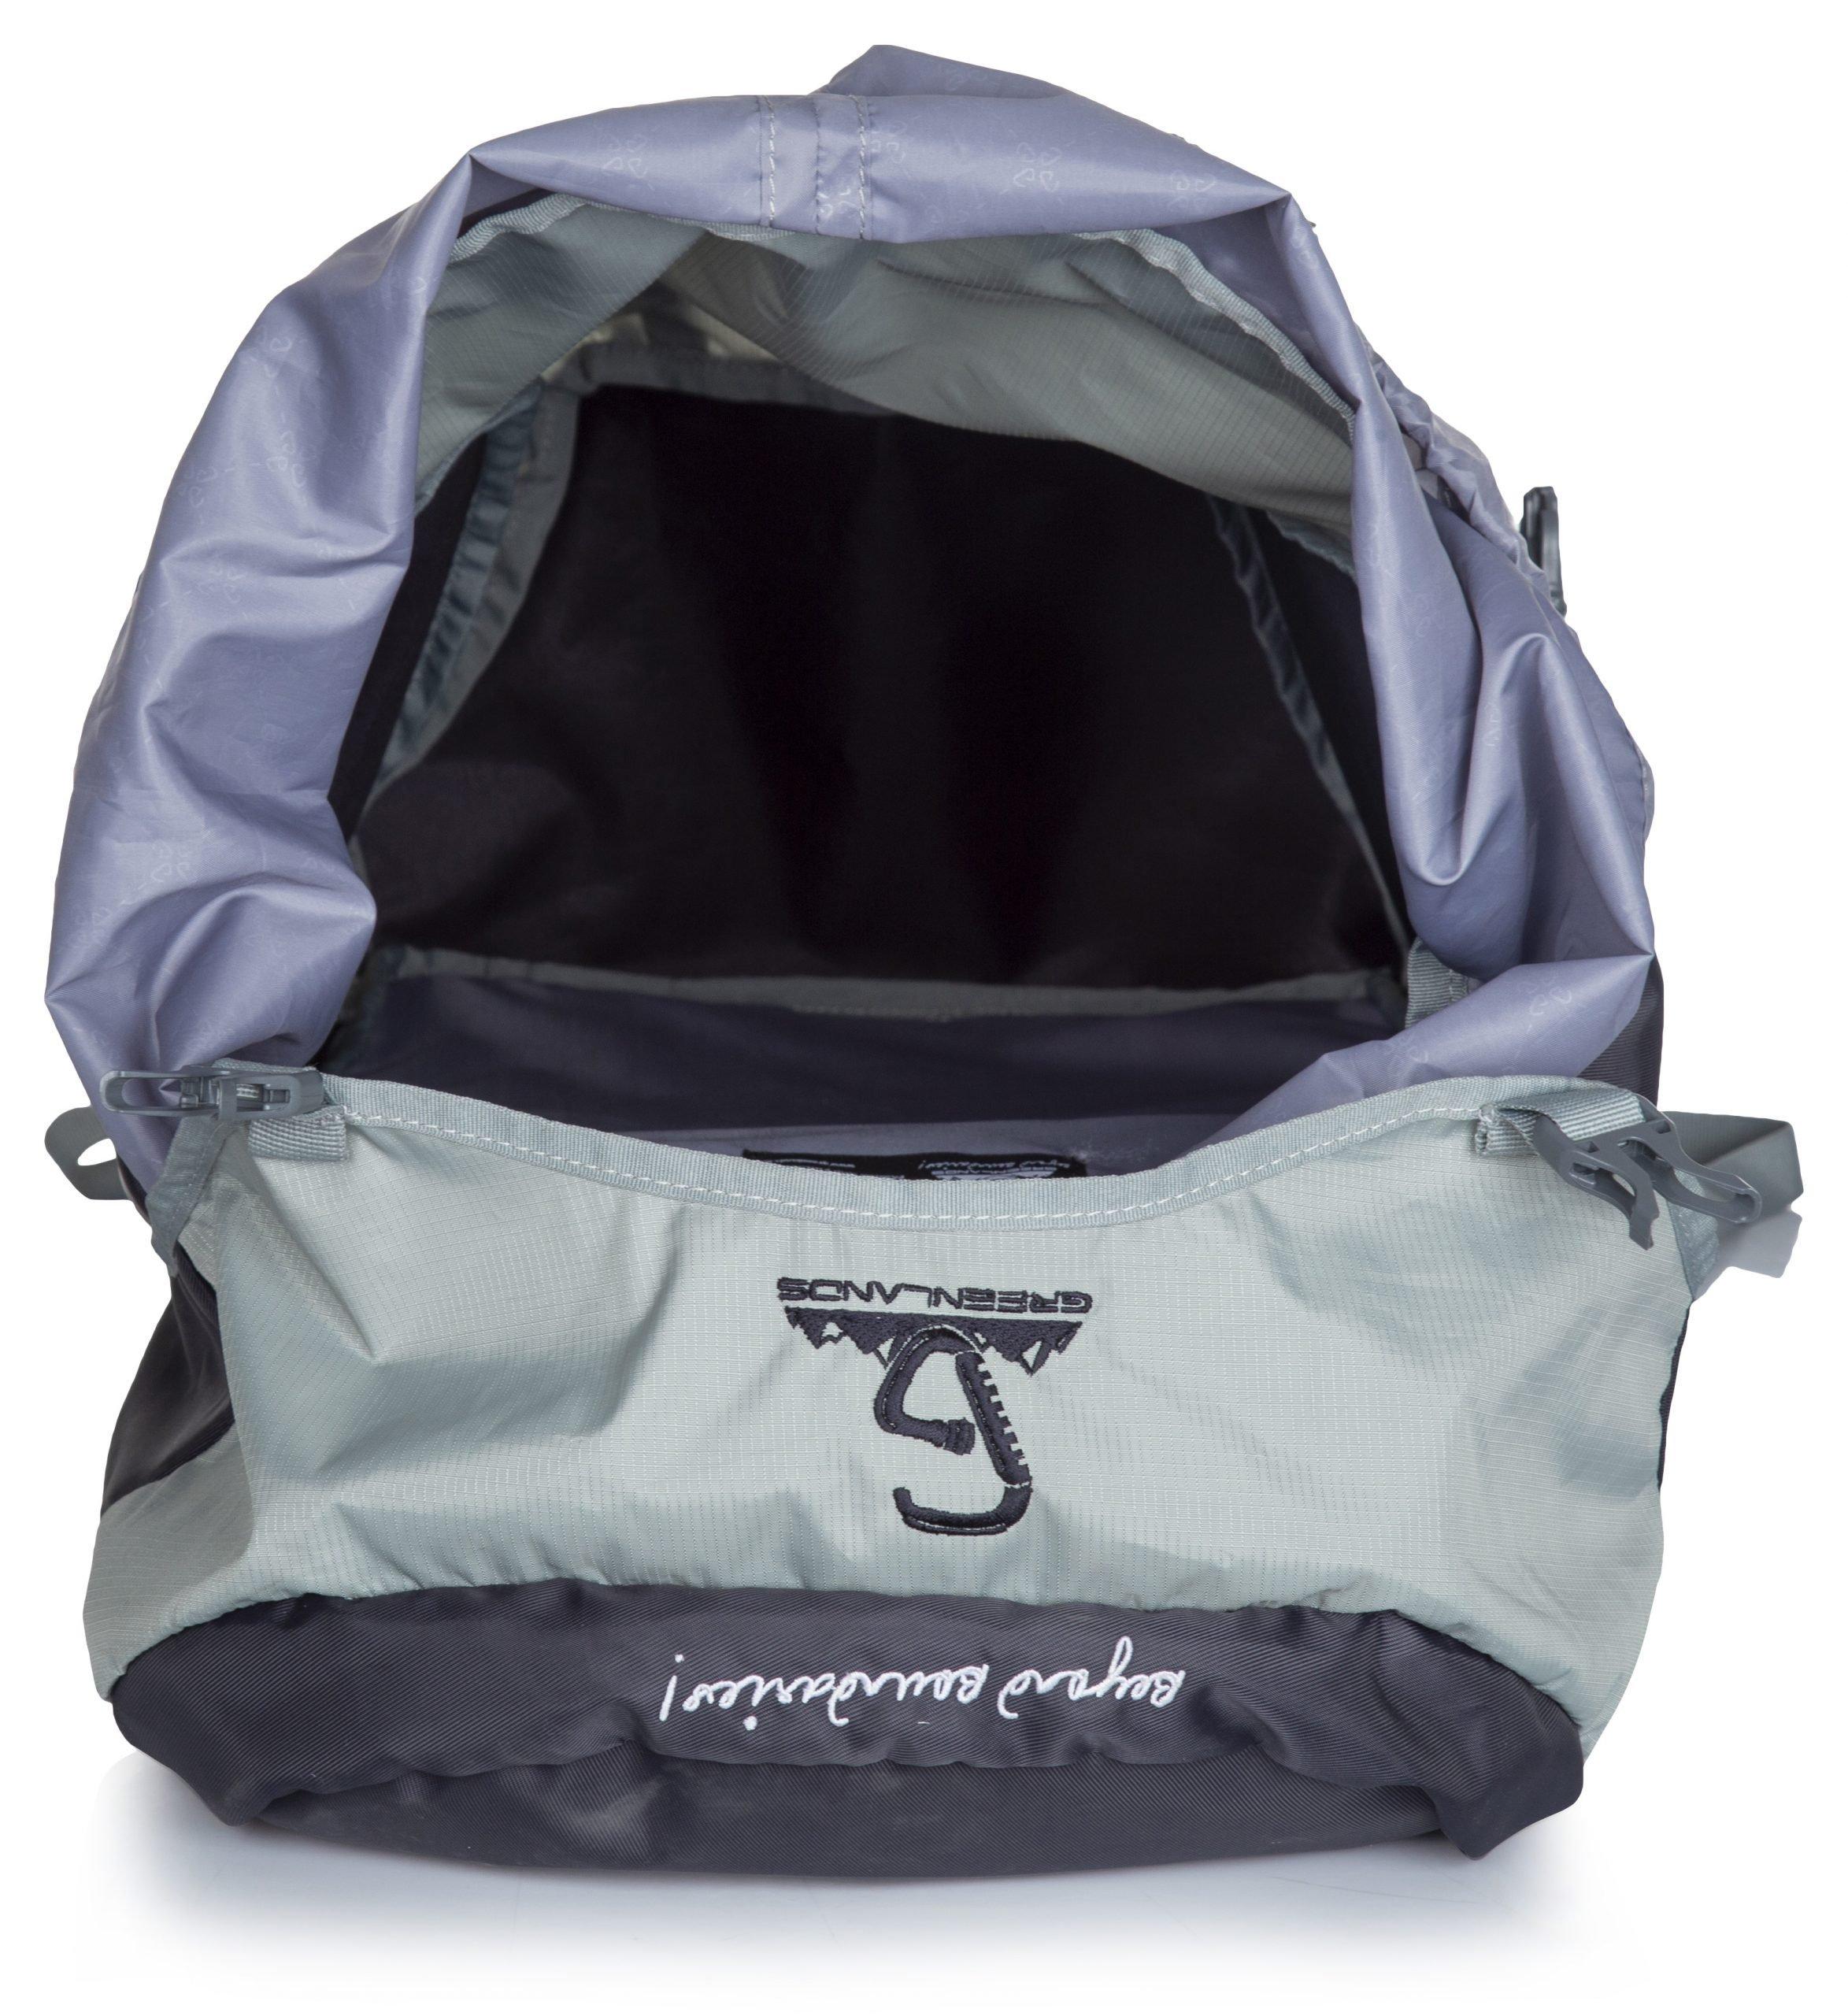 Greenlands Outdoor trips bag